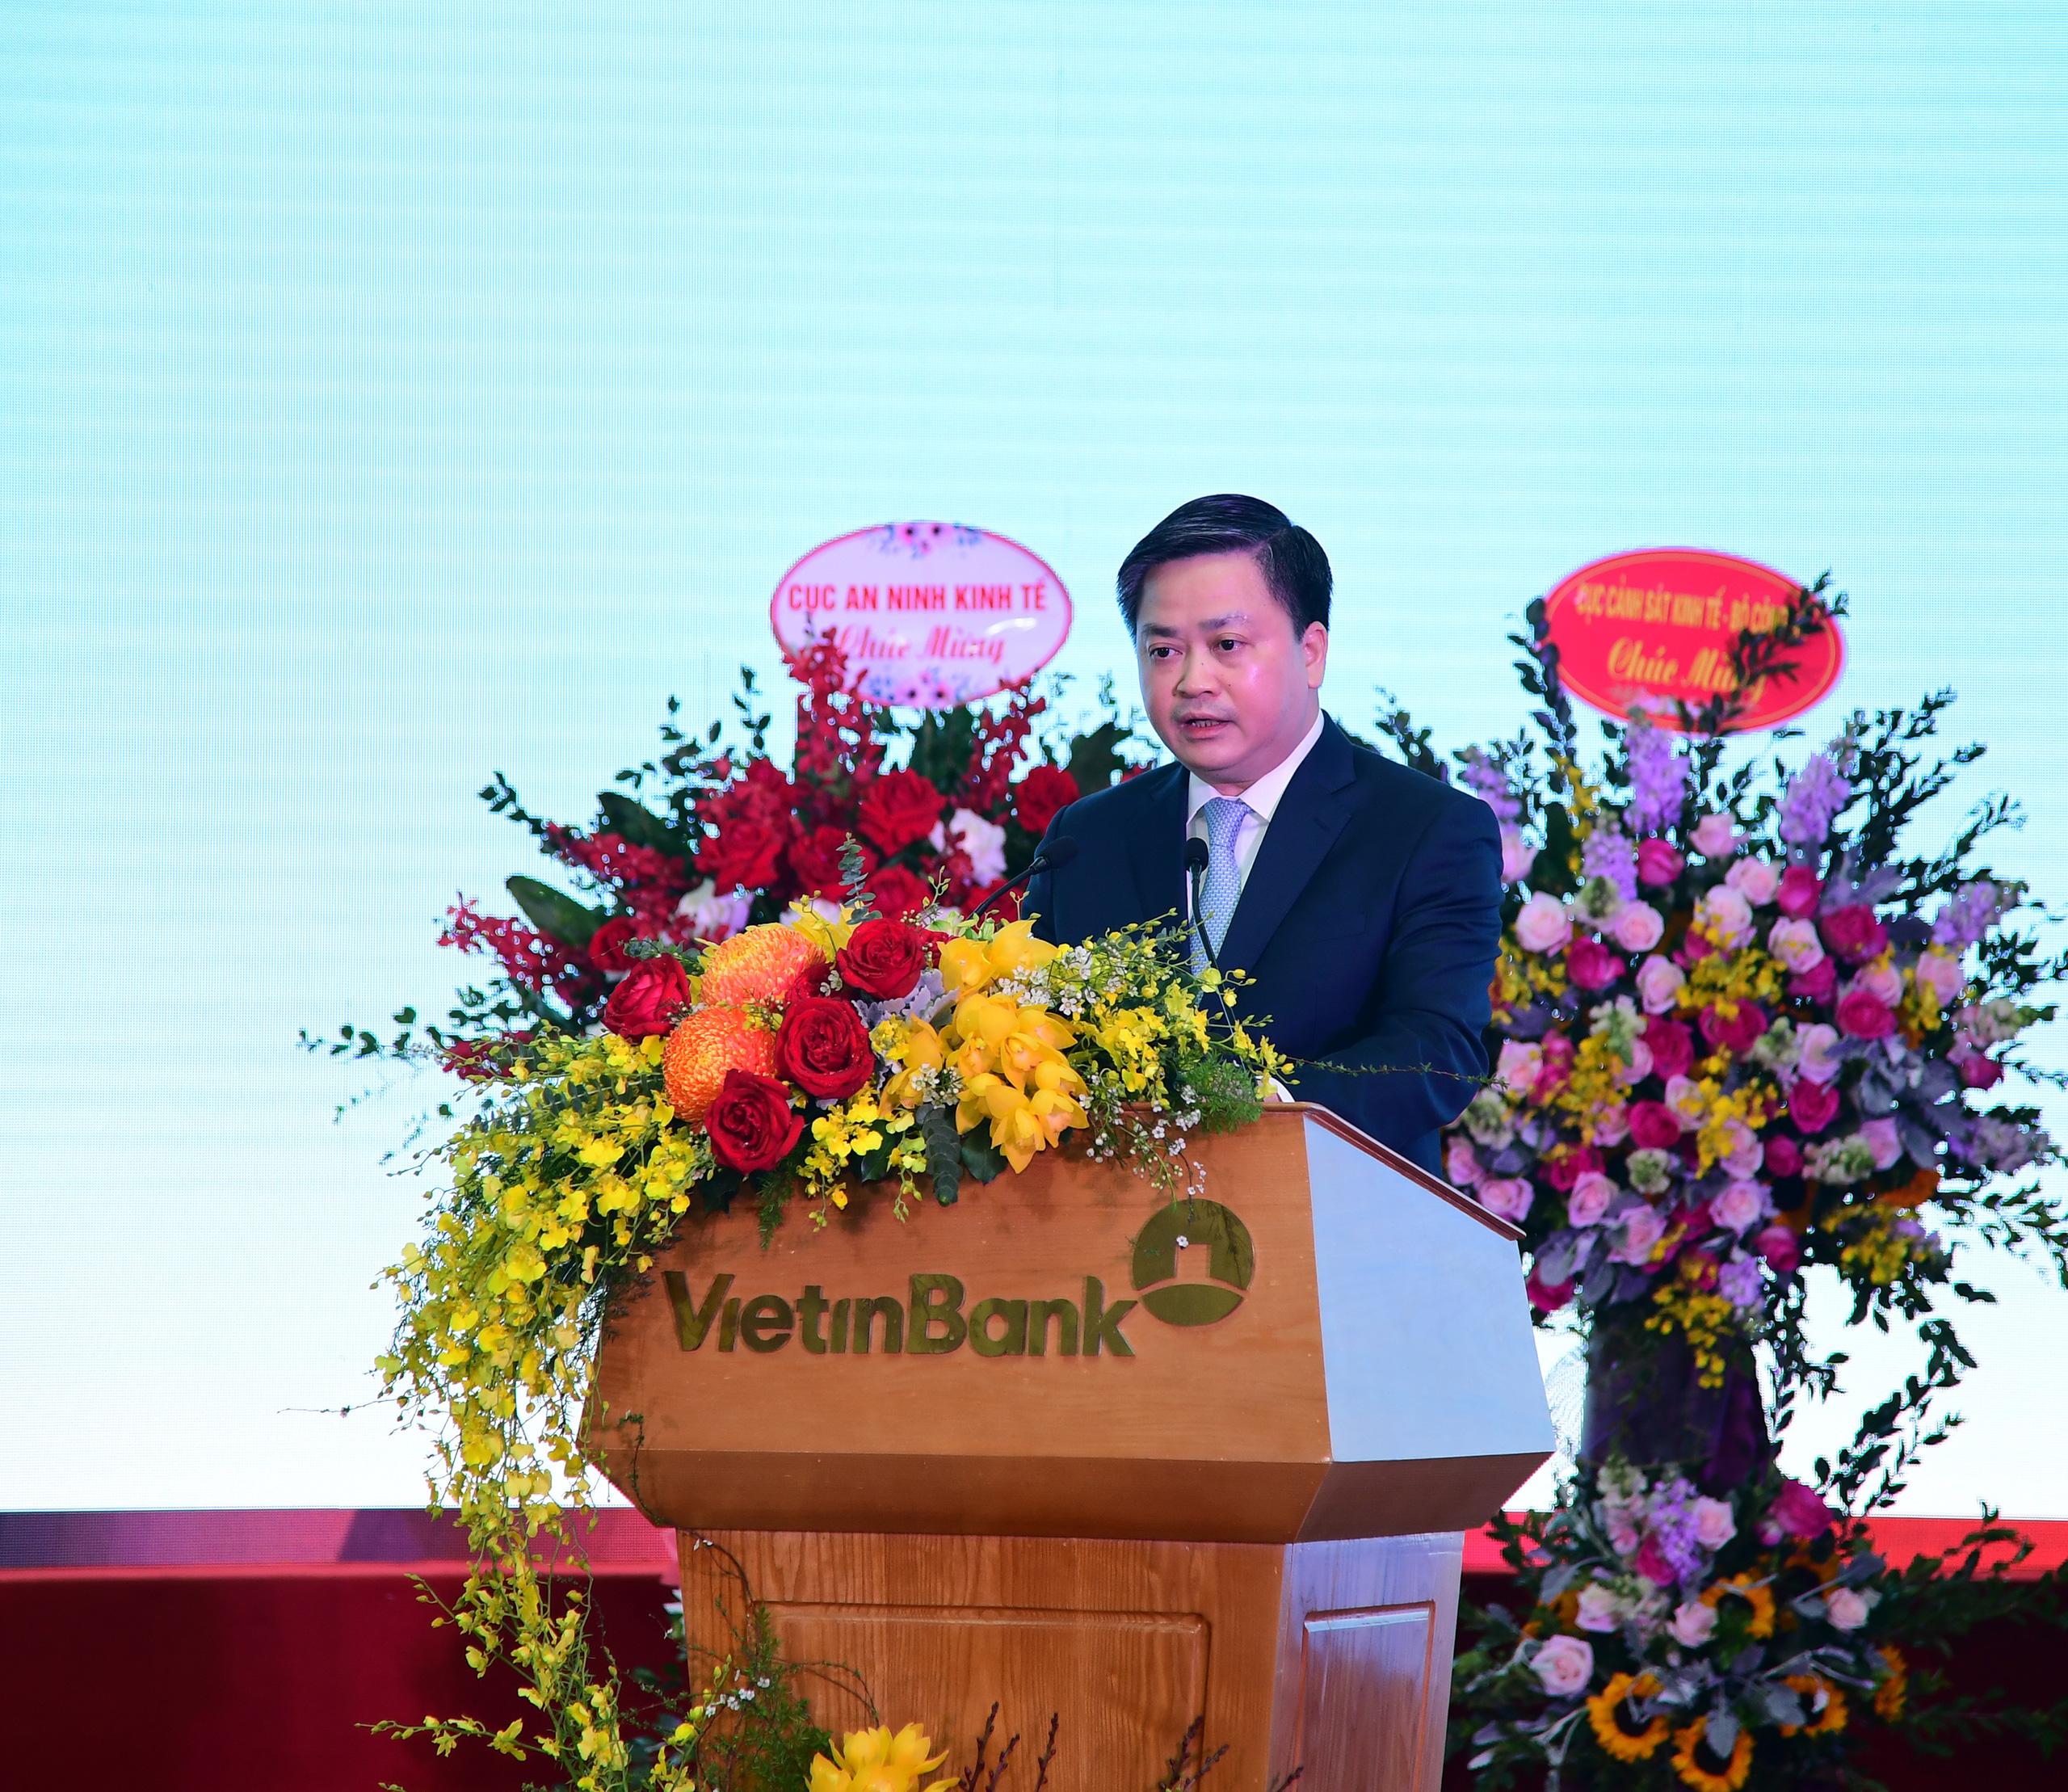 VietinBank lãi kỷ lục 16.450 tỷ đồng trong năm 2020 - Ảnh 2.